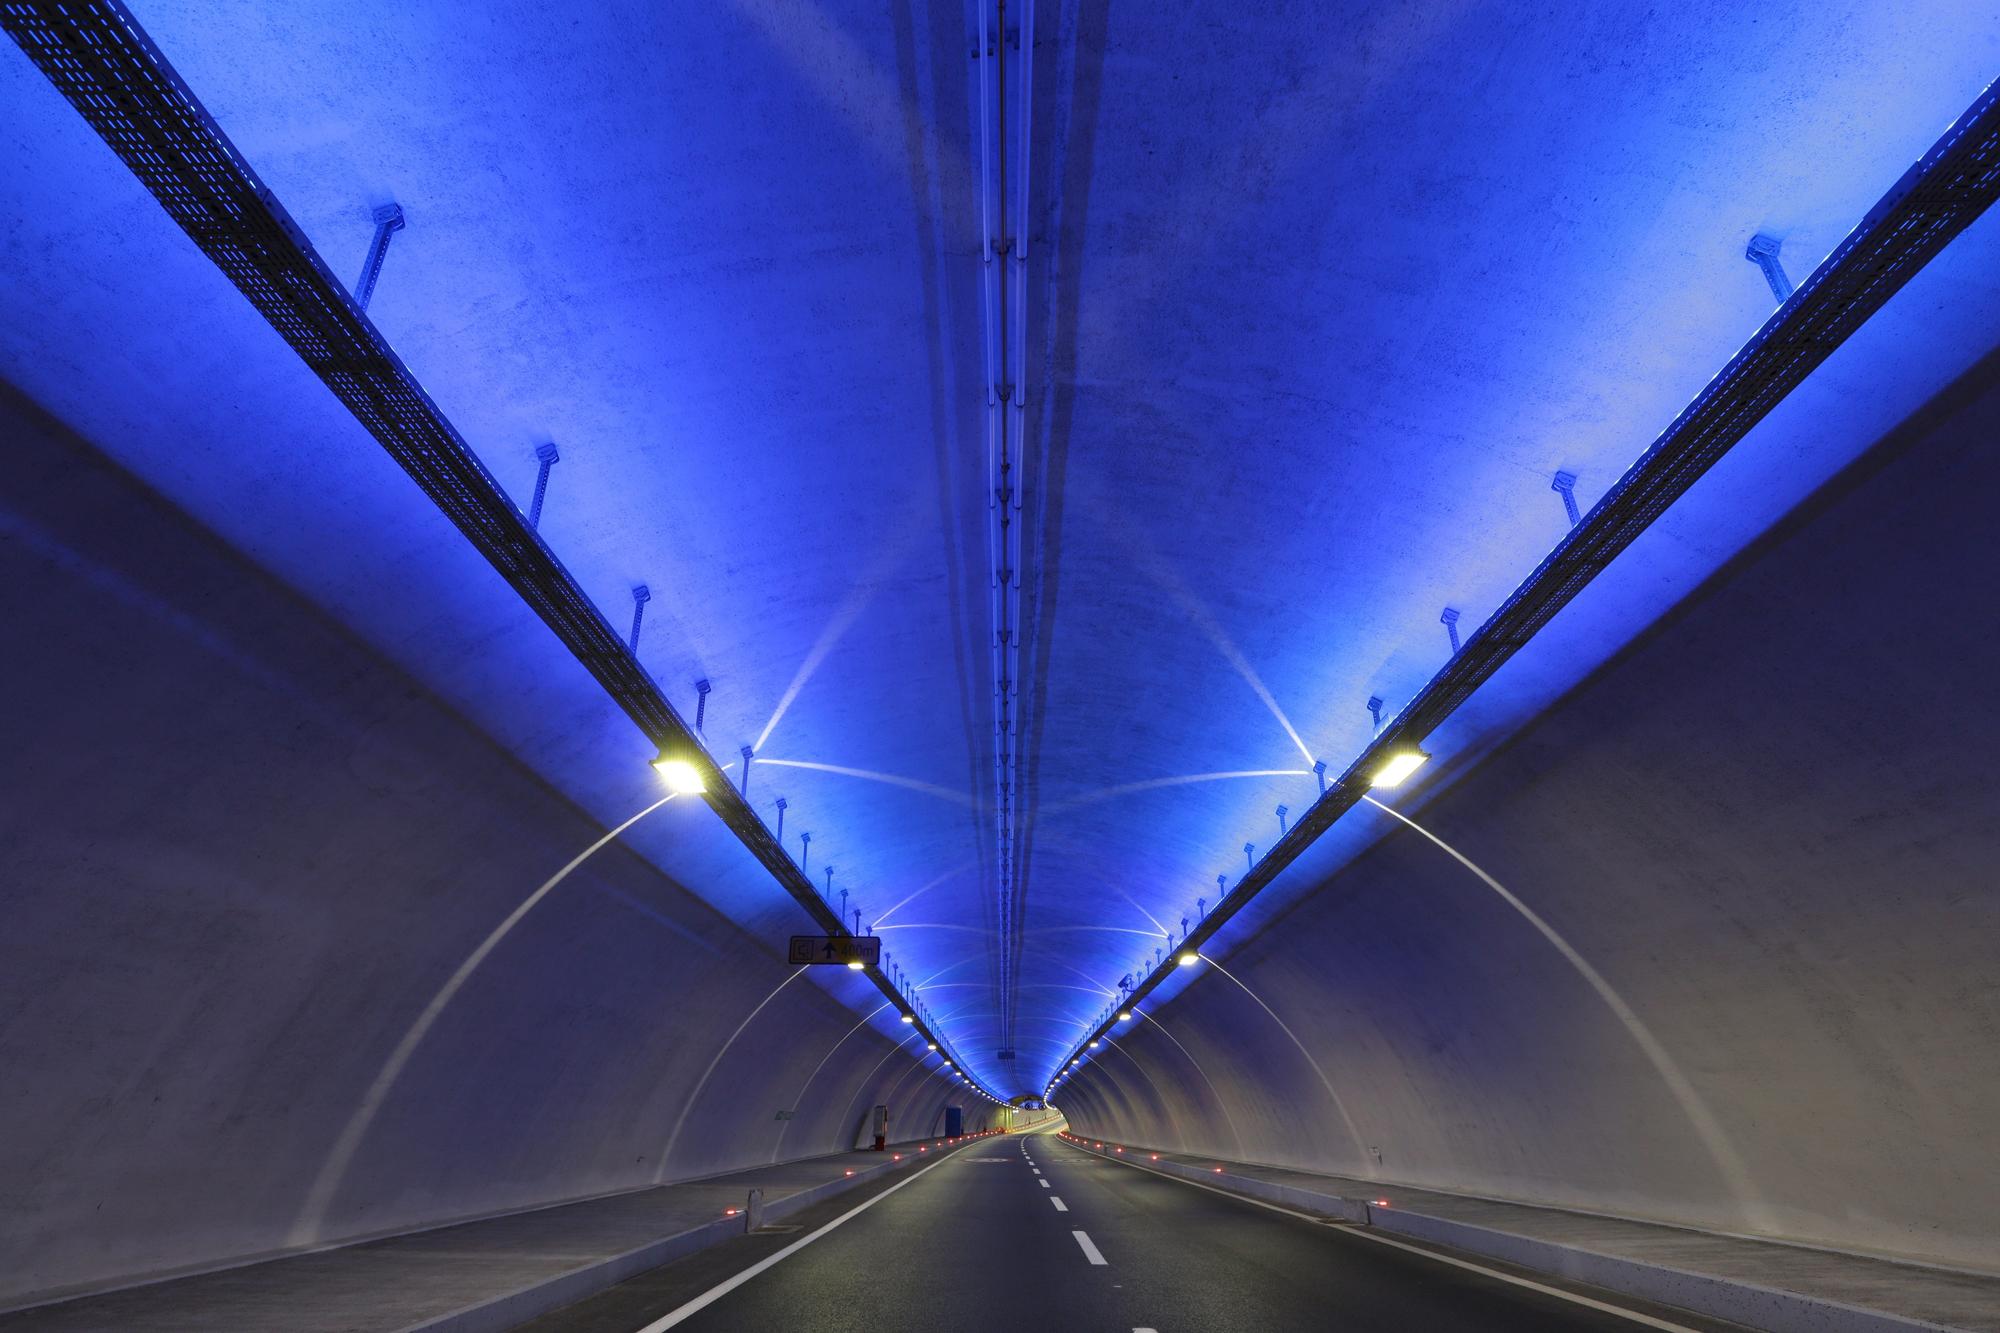 The Eurasia Tunnel wins the IES Illumination Award of Merit